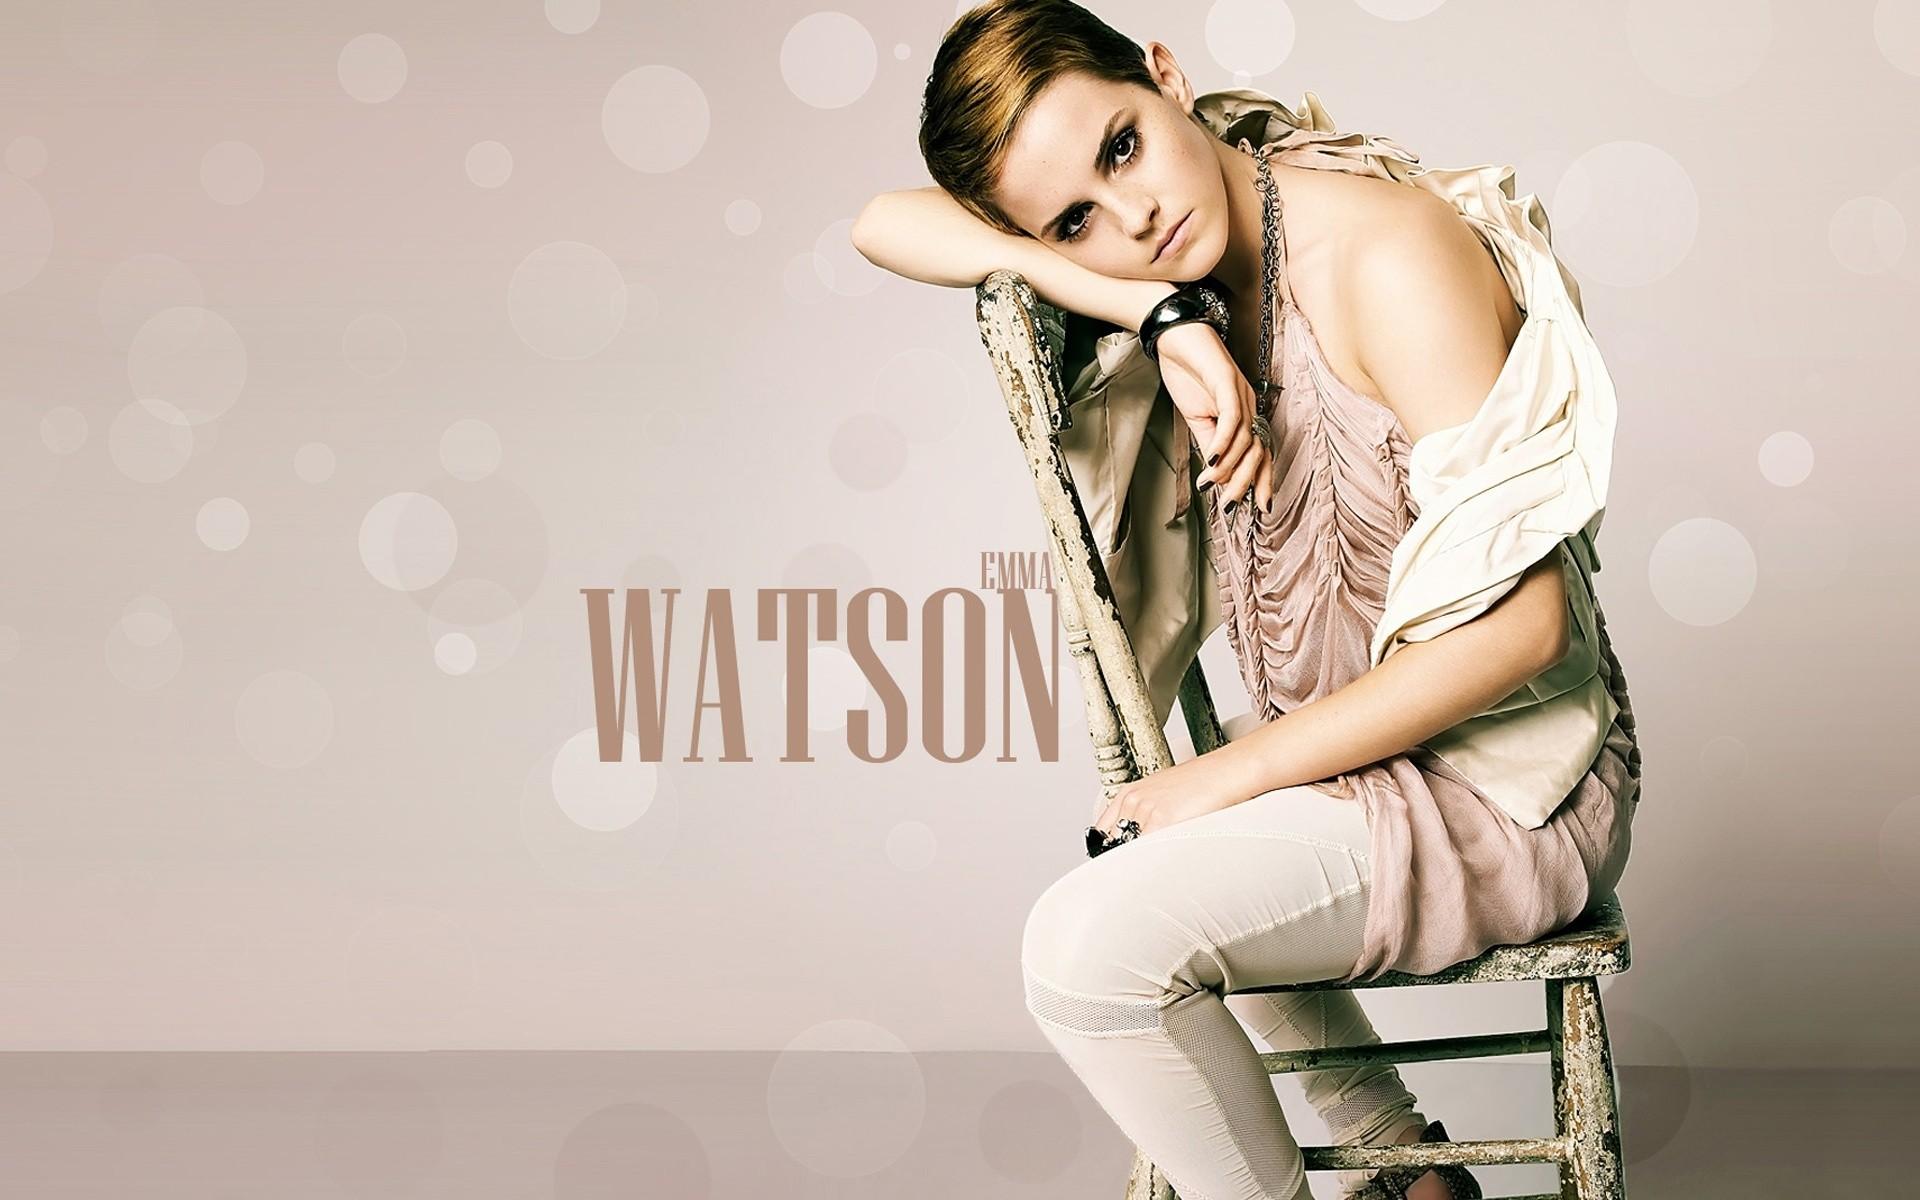 Emma Watson look cabello corto - 1920x1200